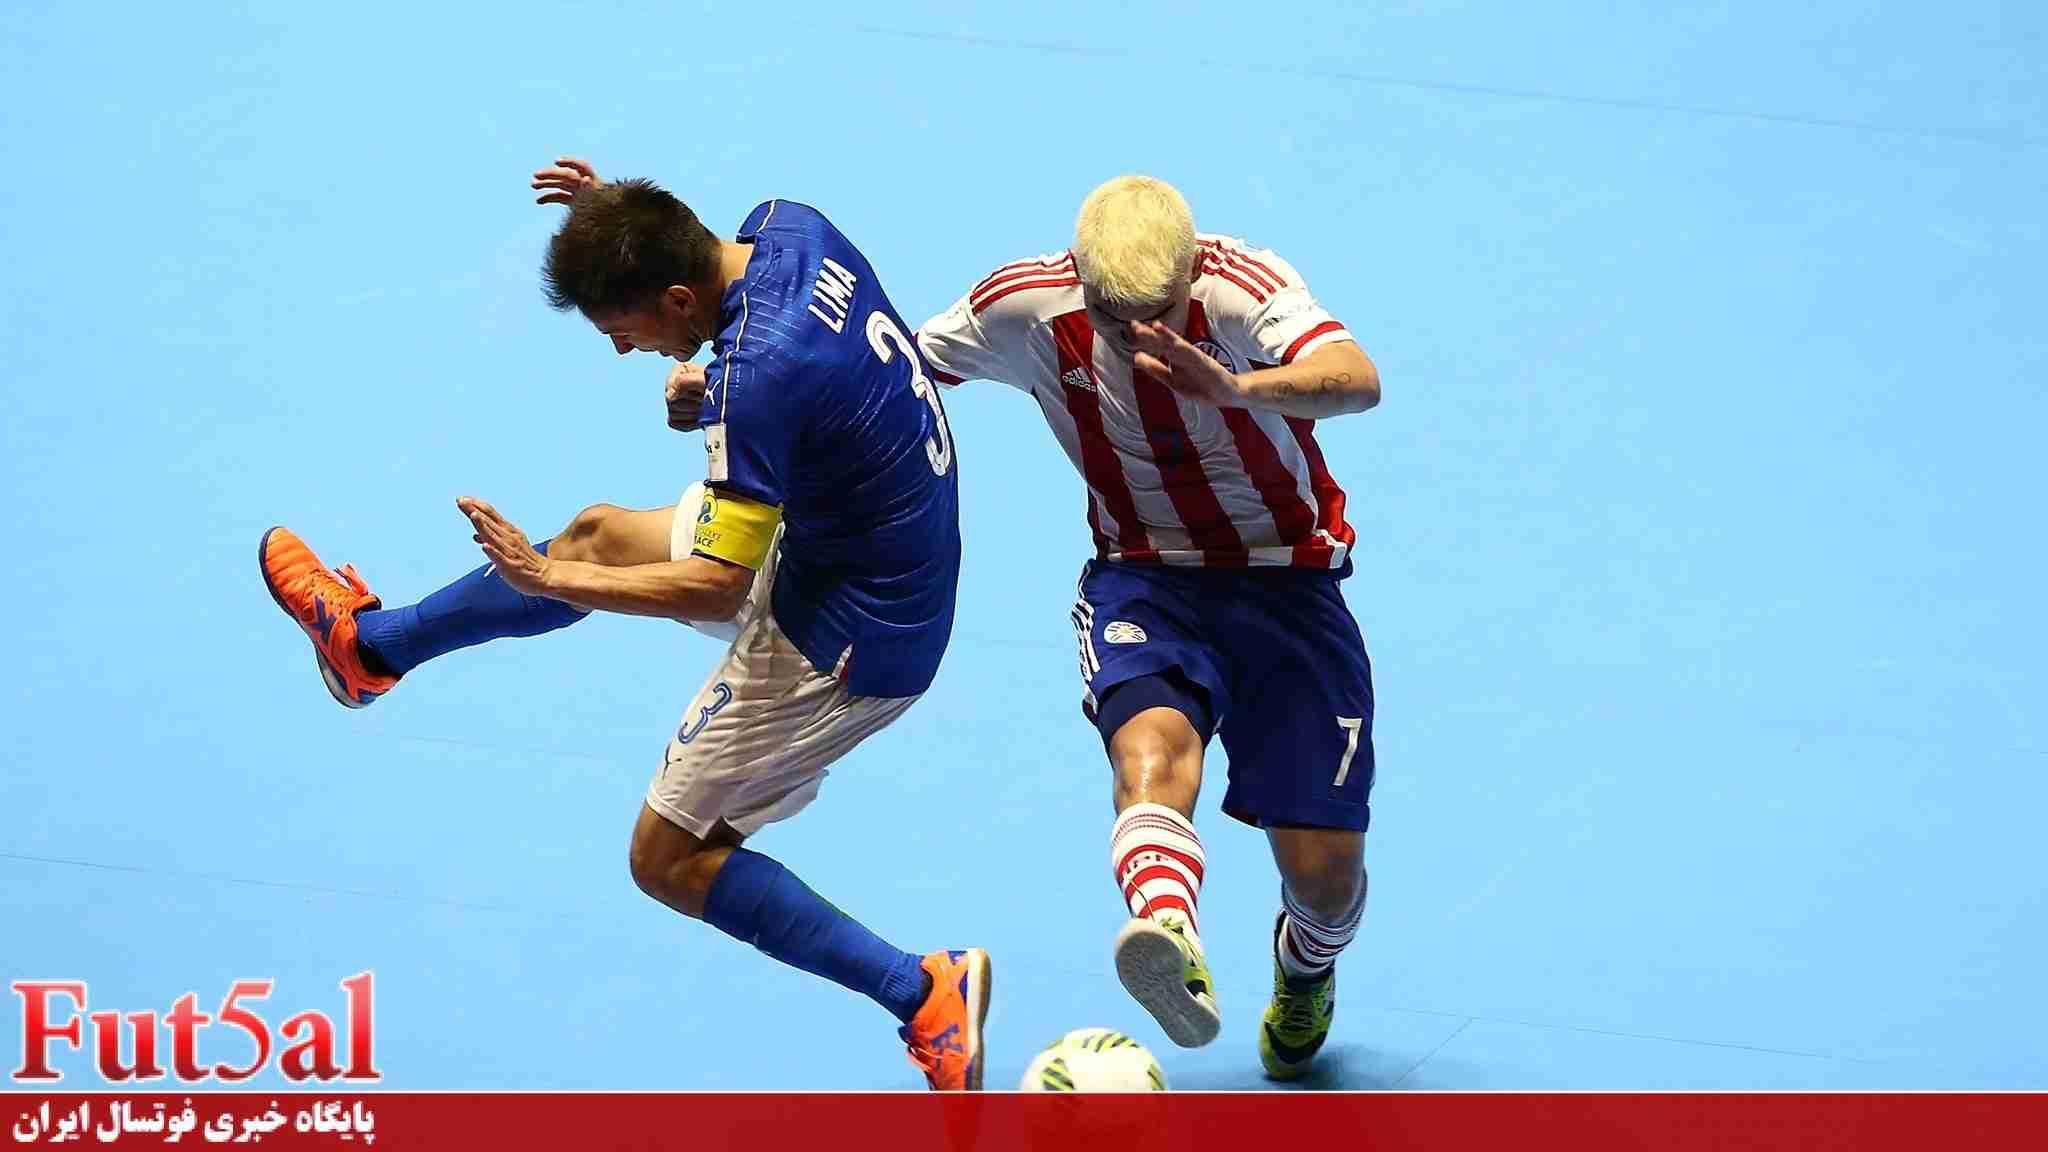 گزارش تصویری/ روز دوم جام جهانی فوتسال